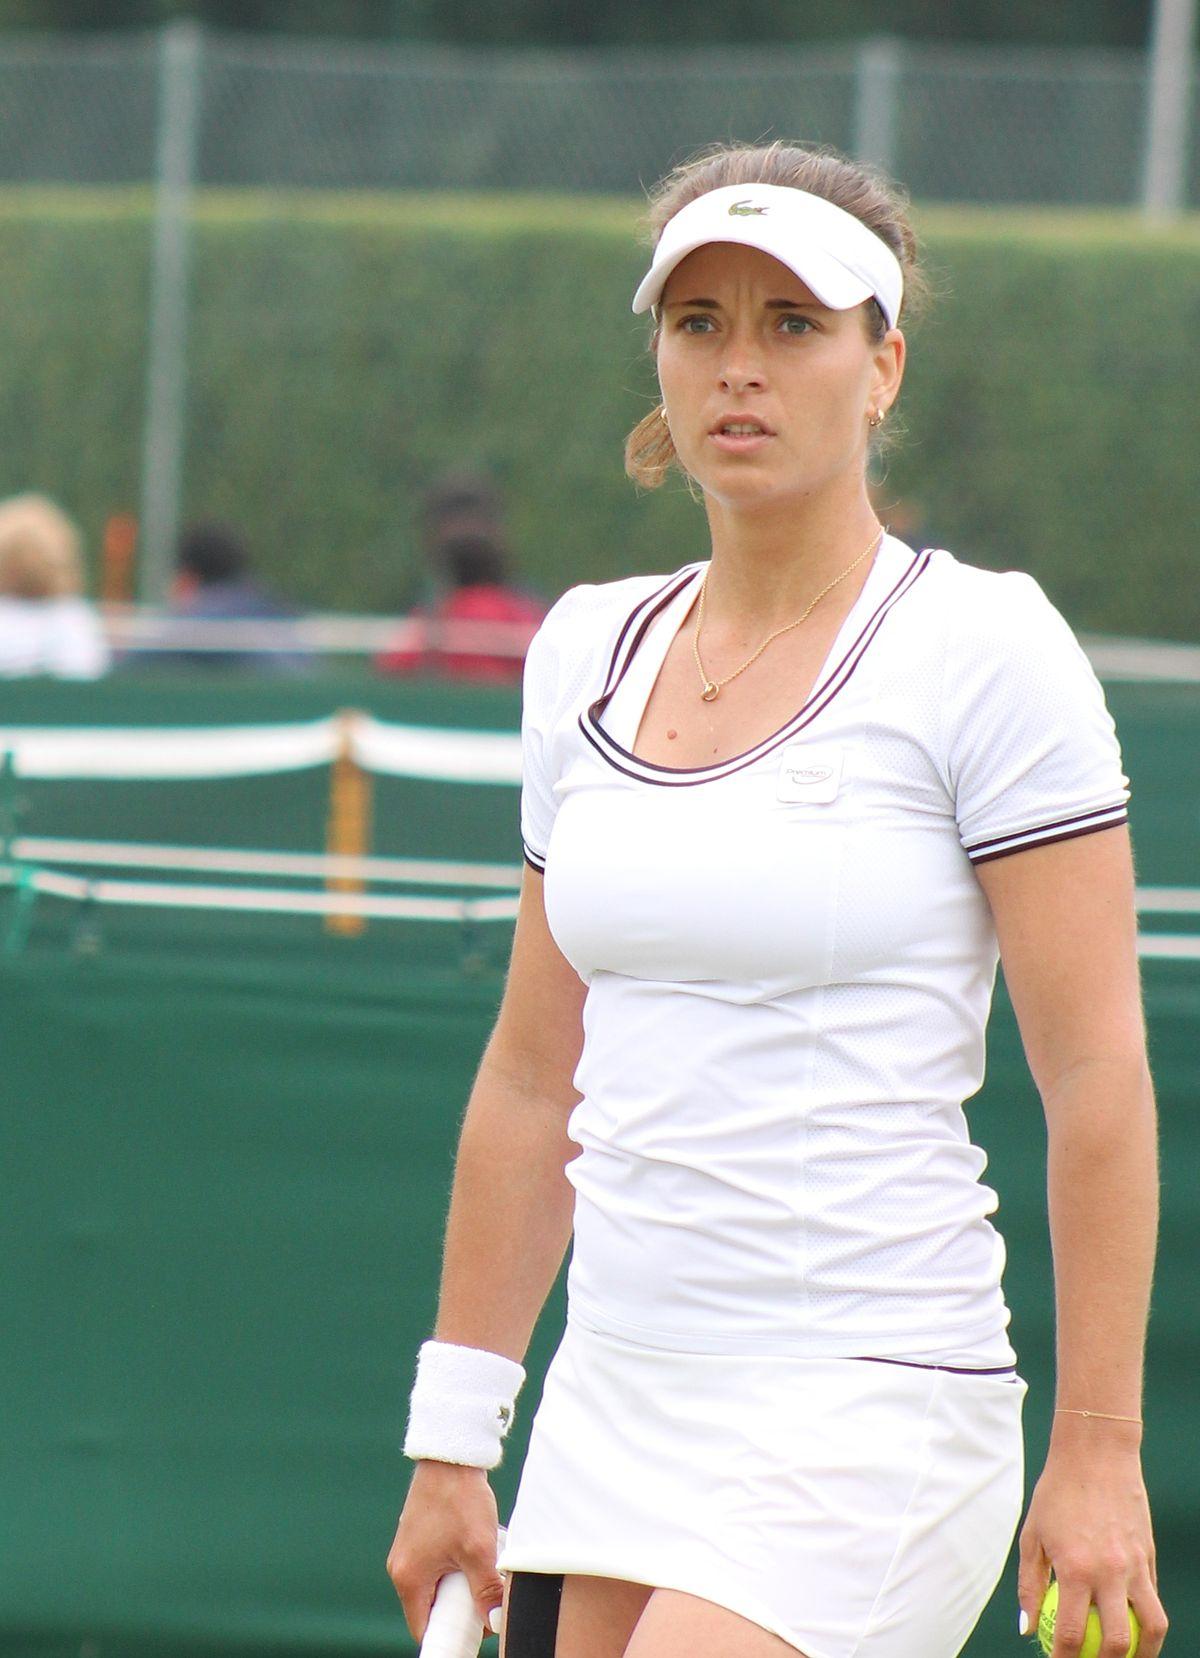 Lesja Zurenko